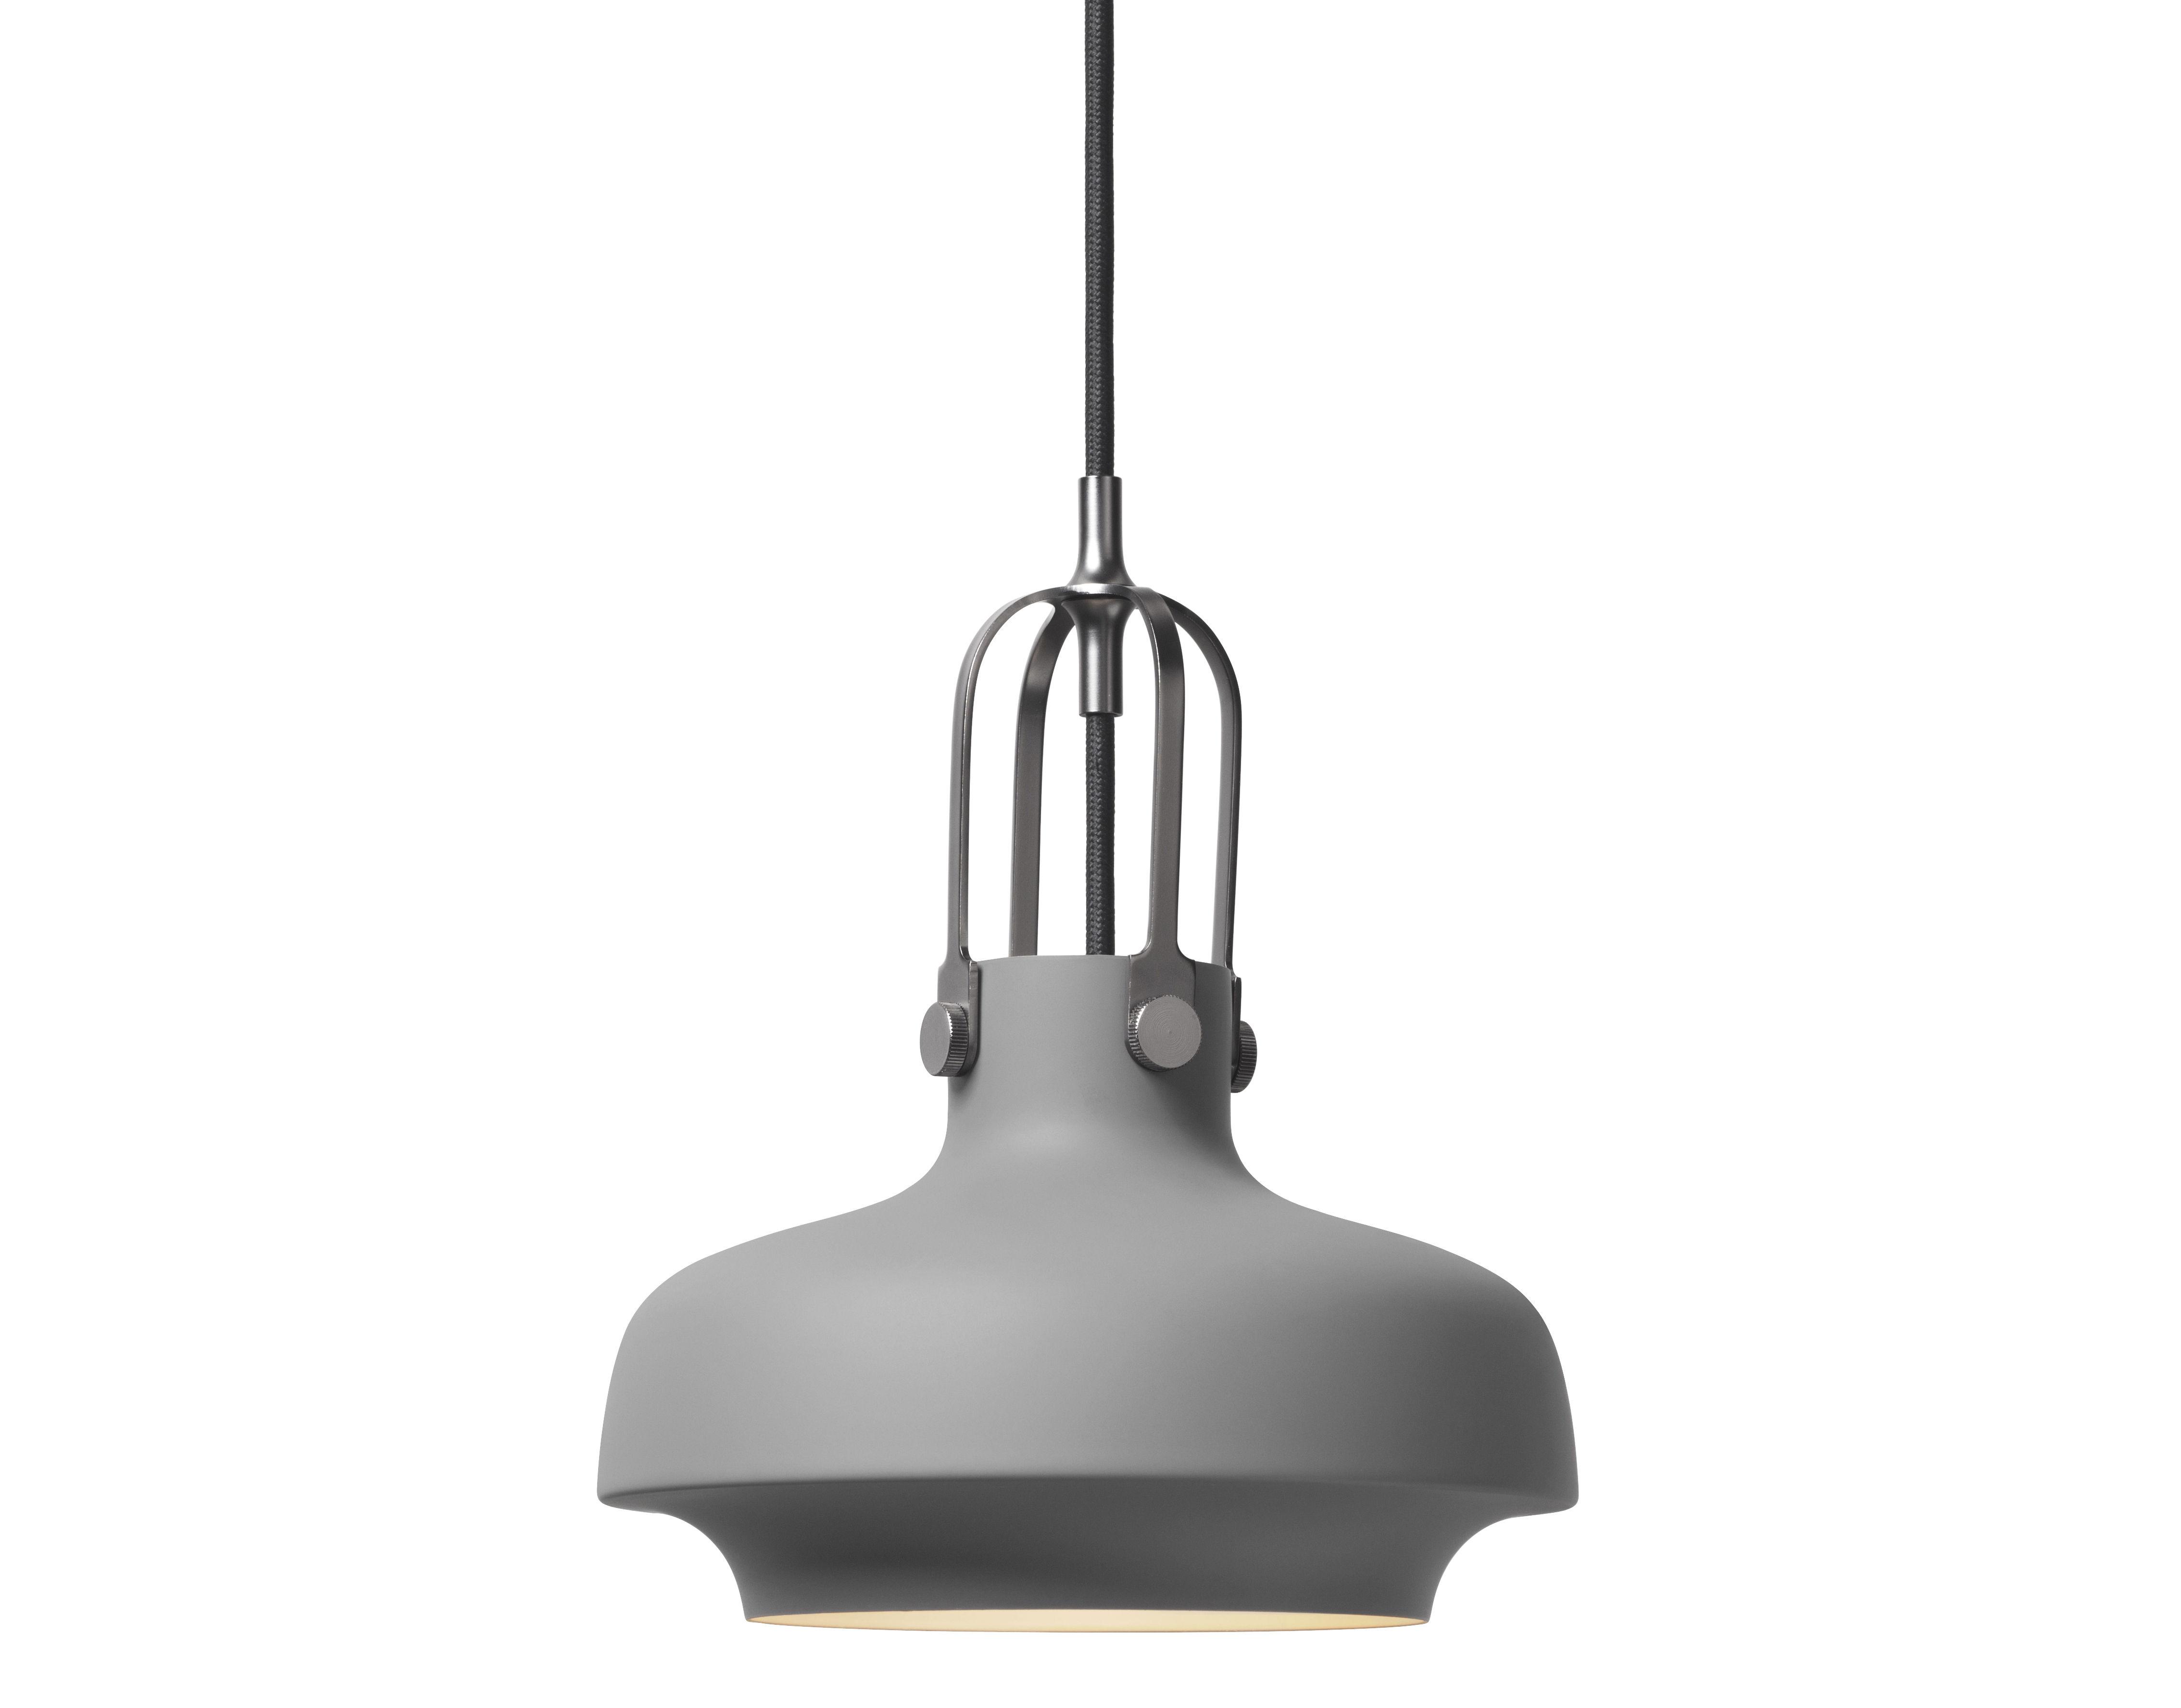 Luminaire - Suspensions - Suspension Copenhague SC6 / Ø 20 cm - Métal - &tradition - Métal / Gris mat - Métal laqué